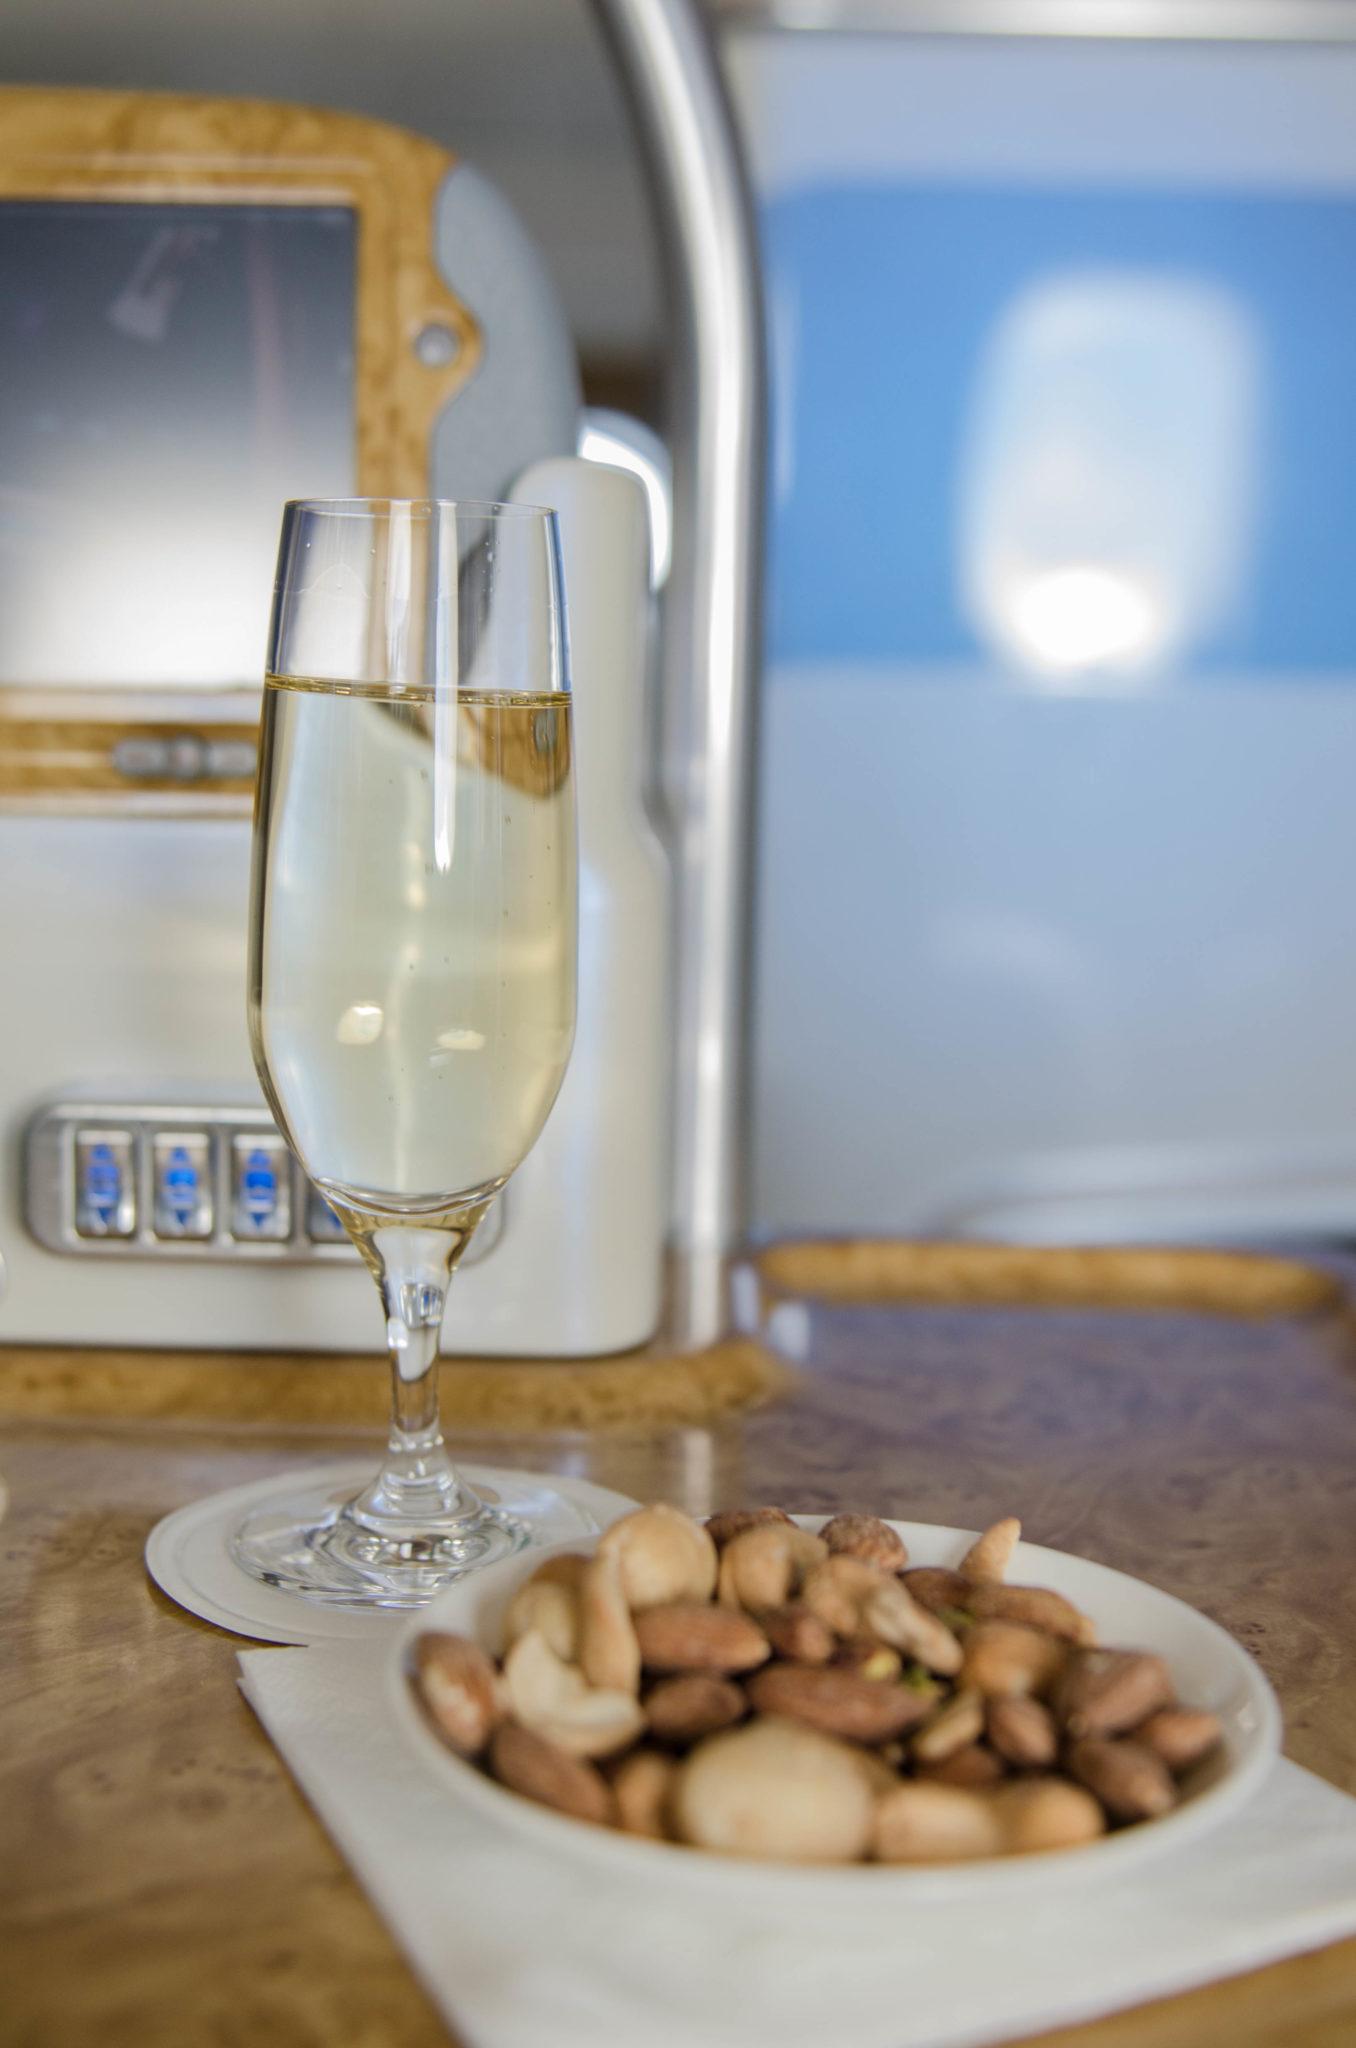 In der Emirates Business Class wird man mit Champagner begrüßt